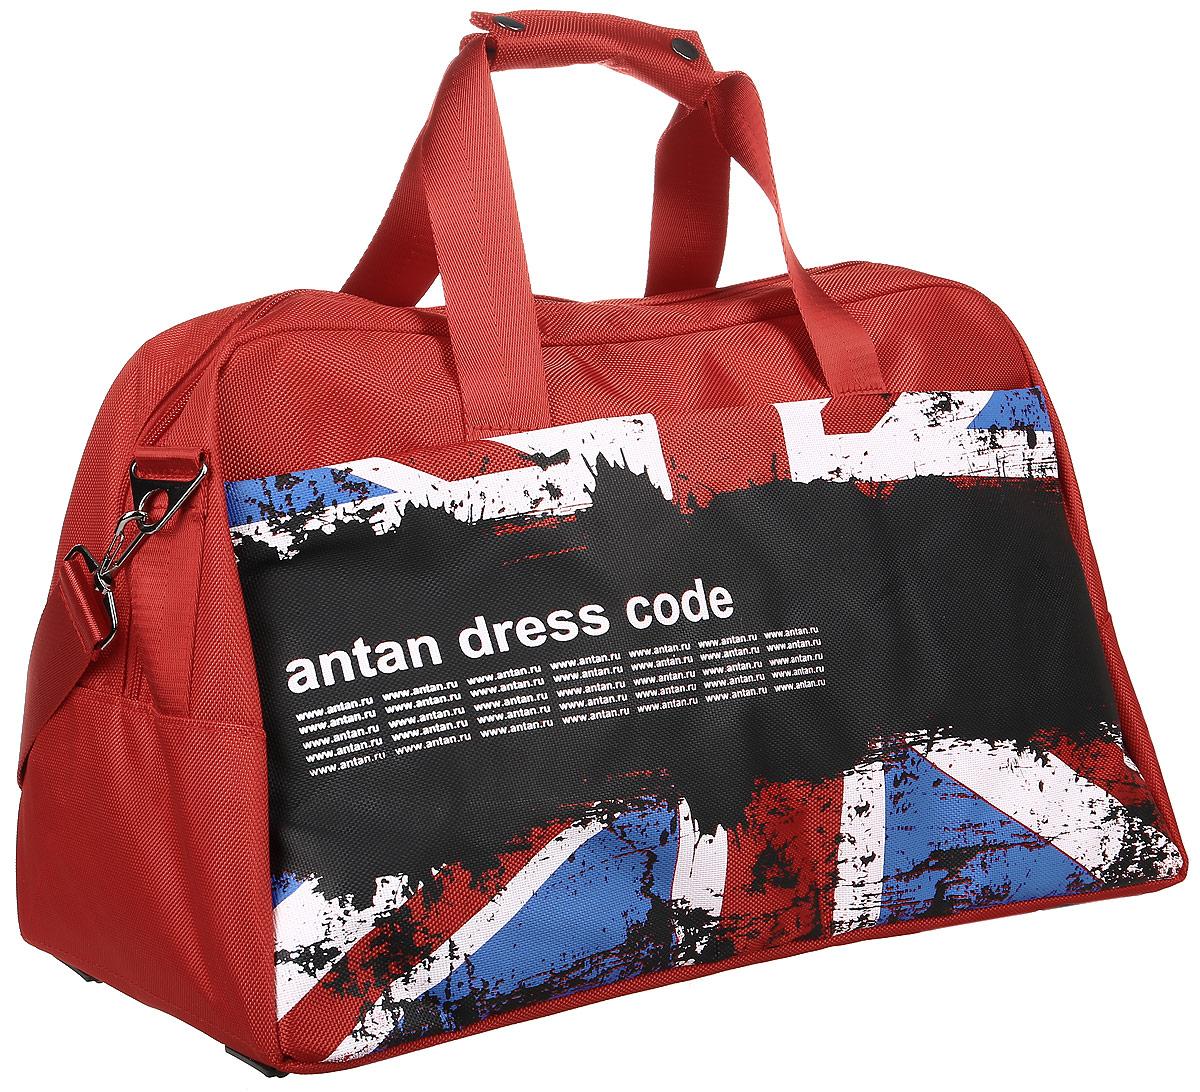 Сумка дорожная Аntan, цвет: красный. 4620010748776MM-618-4/1Вместительная дорожная сумка Аntan выполнена из текстиля. Изделие имеет одно отделение, которое закрывается на застежку-молнию. Внутри модель дополнена двумя сетчатыми карманами. Снаружи, на передней стенке расположен карман на застежке-молнии. Сумка дополнена двумя удобными ручками. В комплект входит съемный регулируемый плечевой ремень. Основание изделия защищено от повреждений пластиковыми ножками.